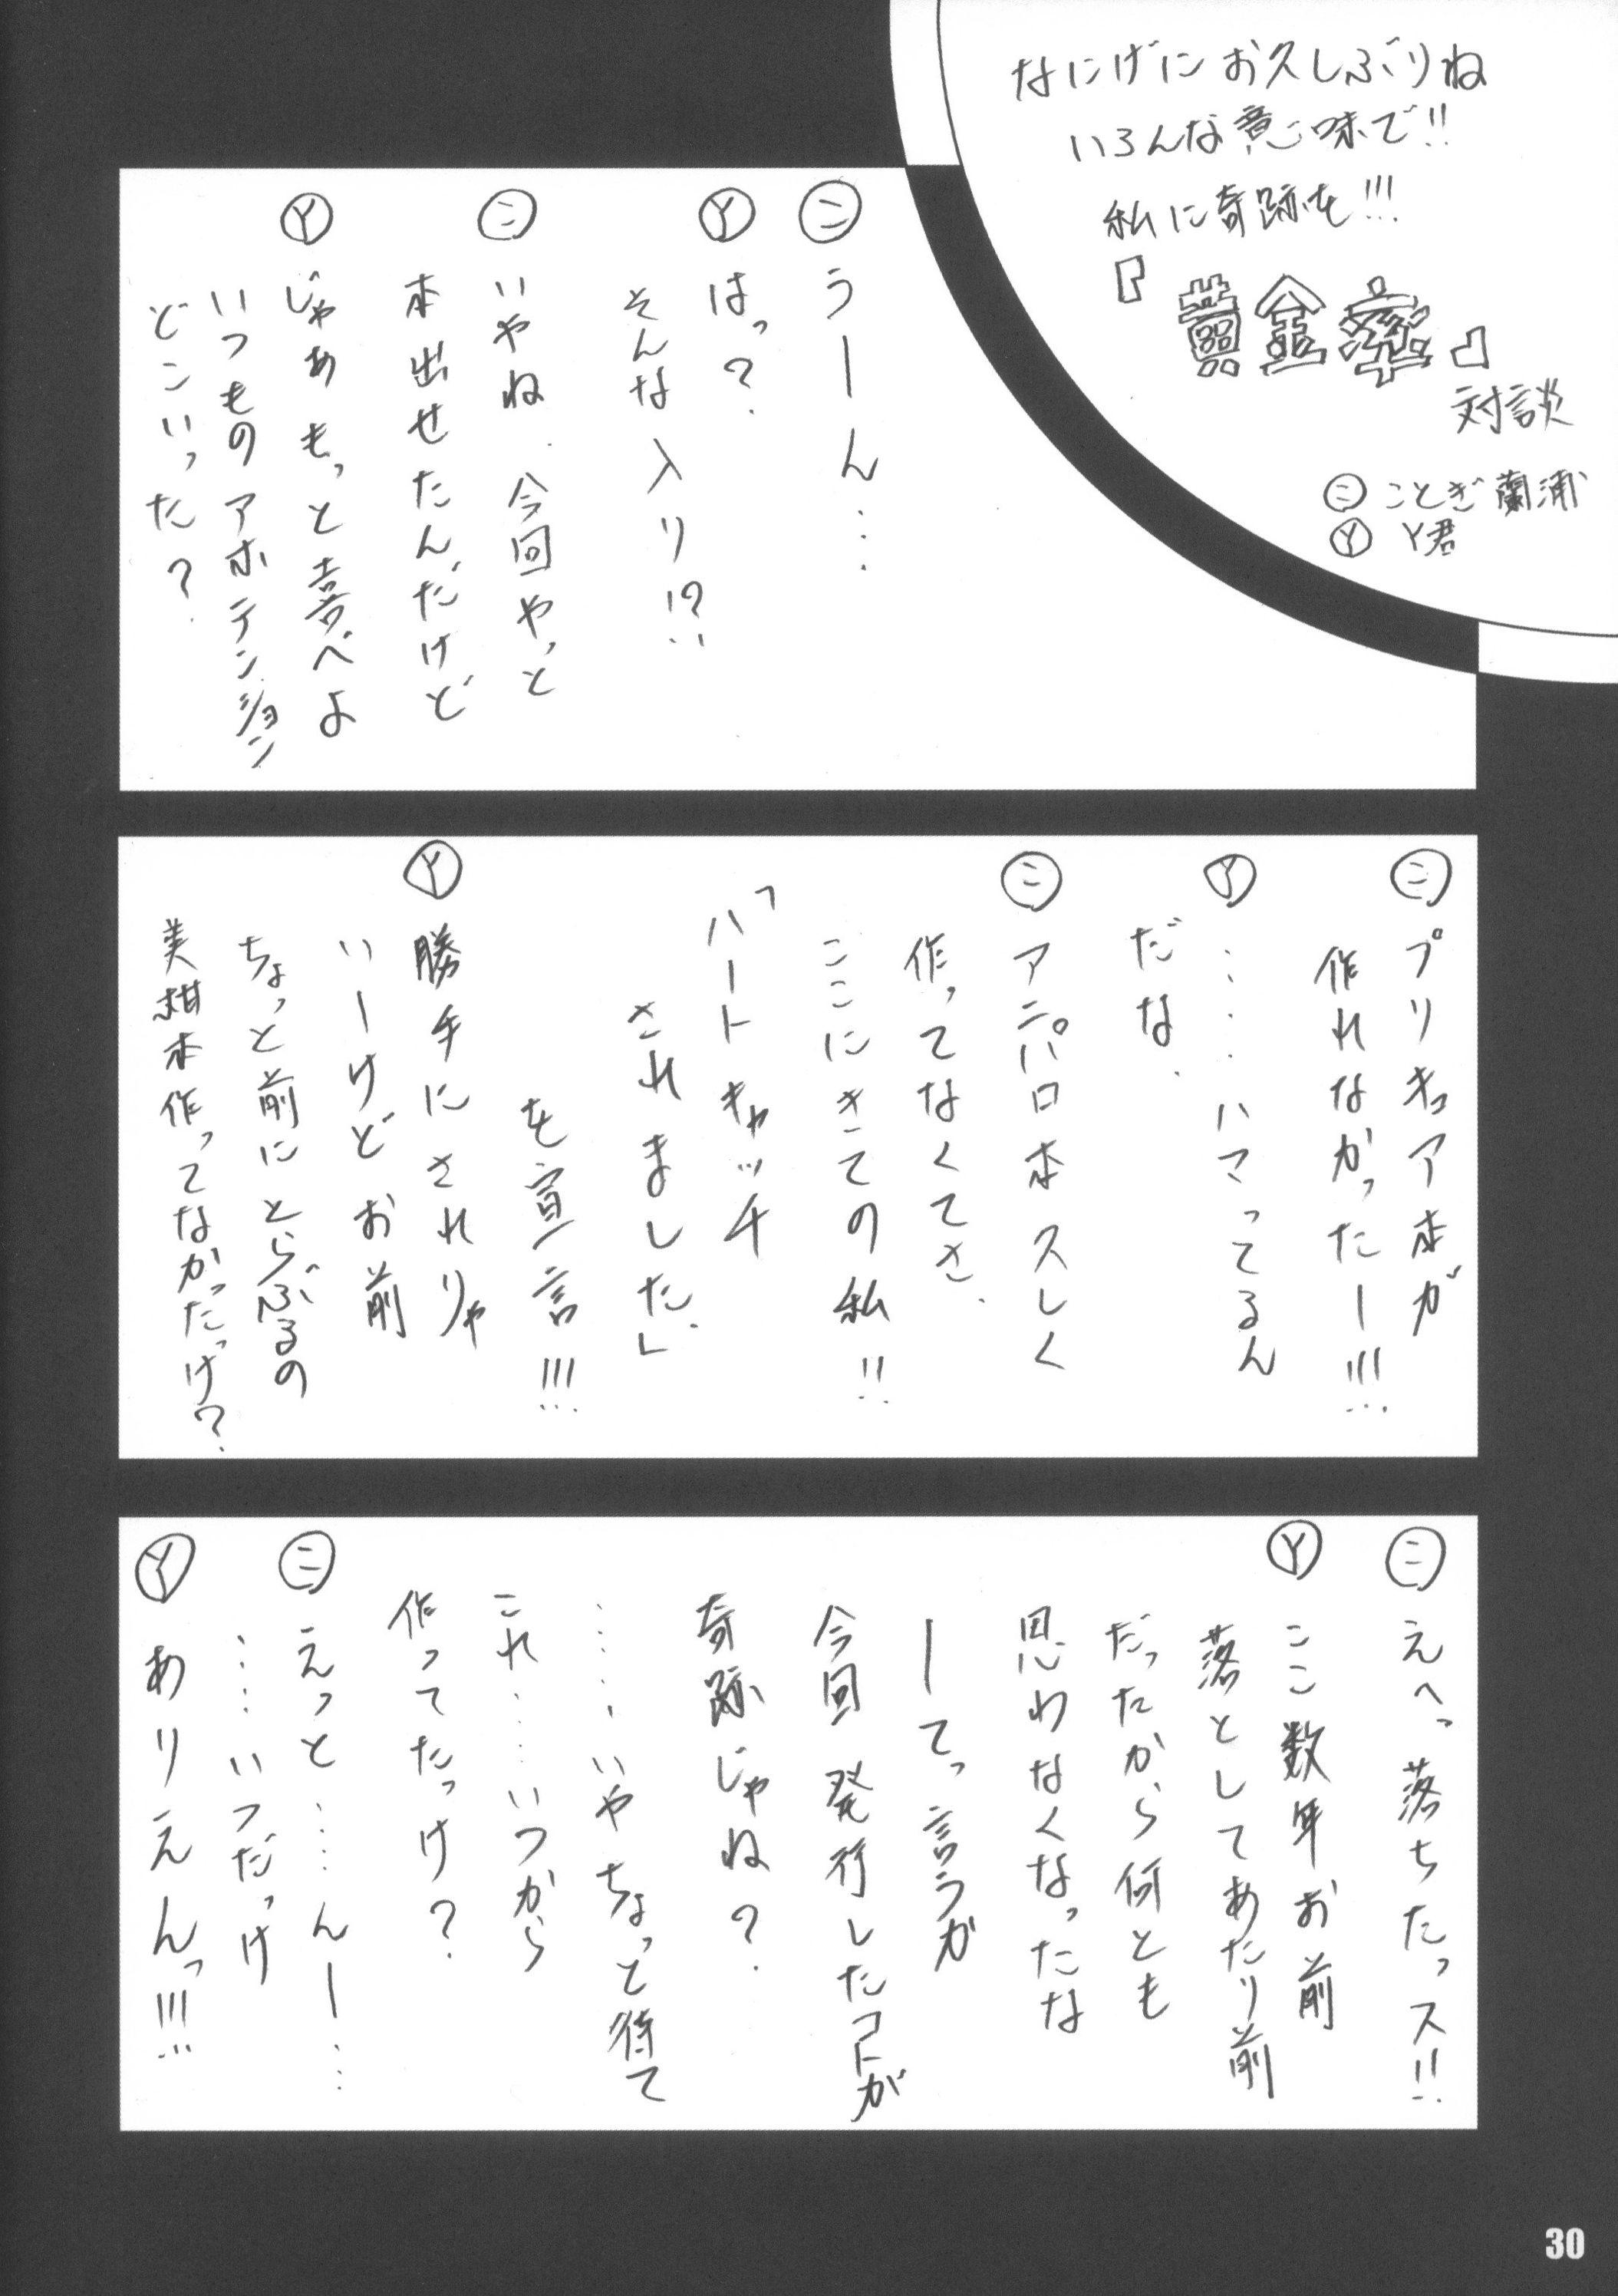 【エロ漫画】スクール水着の幼女と青姦アナルセックス☆ロリのケツ穴サイコー♫【無料 エロ同人誌】 (28)